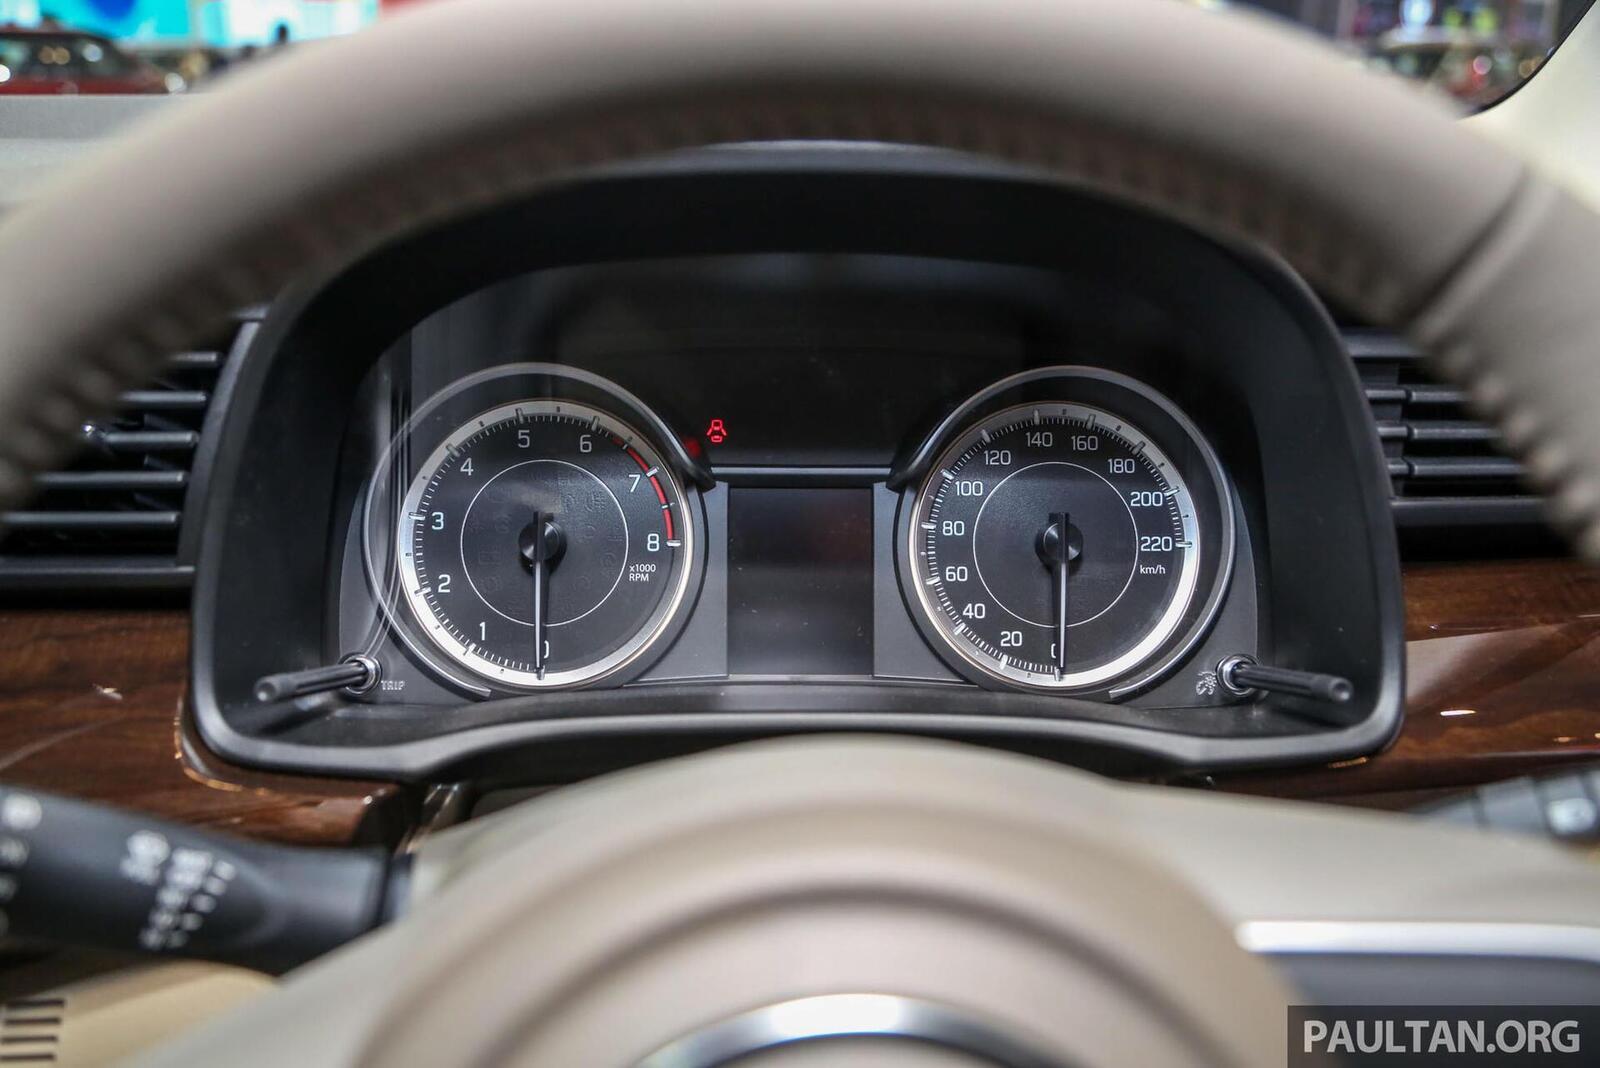 Suzuki Ertiga thế hệ mới có giá từ 486 triệu đồng tại Thái Lan; chưa hẹn ngày về Việt Nam - Hình 13